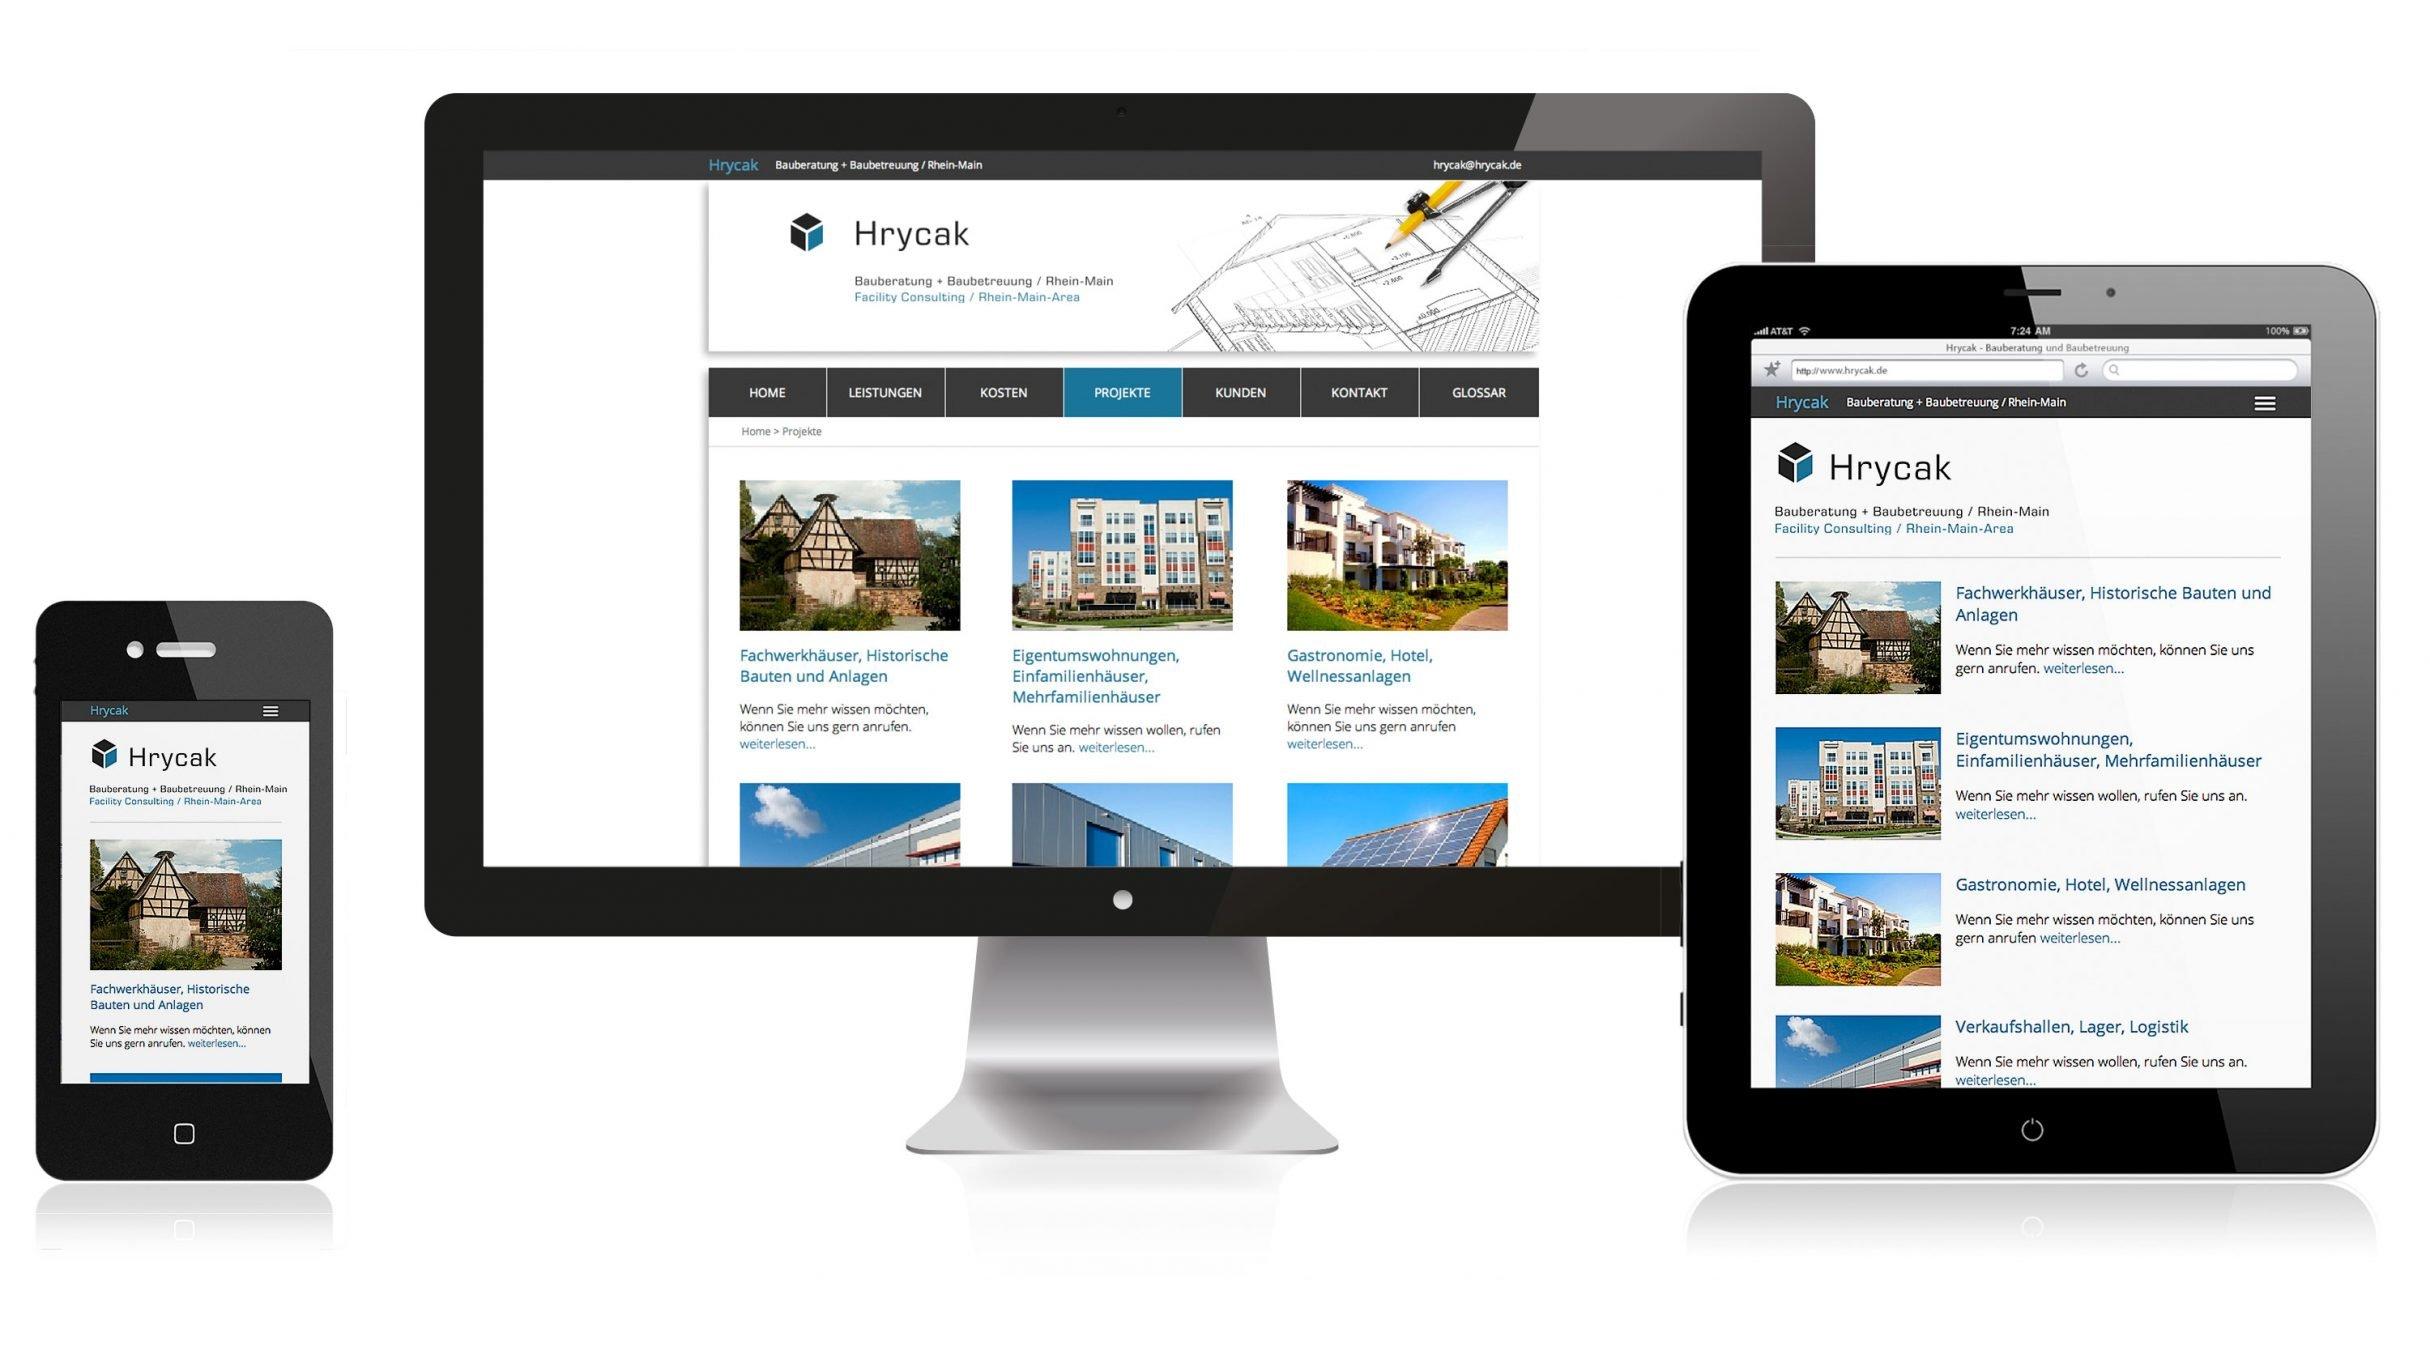 Responisve Webdesign für Hrycak: DIE NEUDENKER® Agentur, Darmstadt